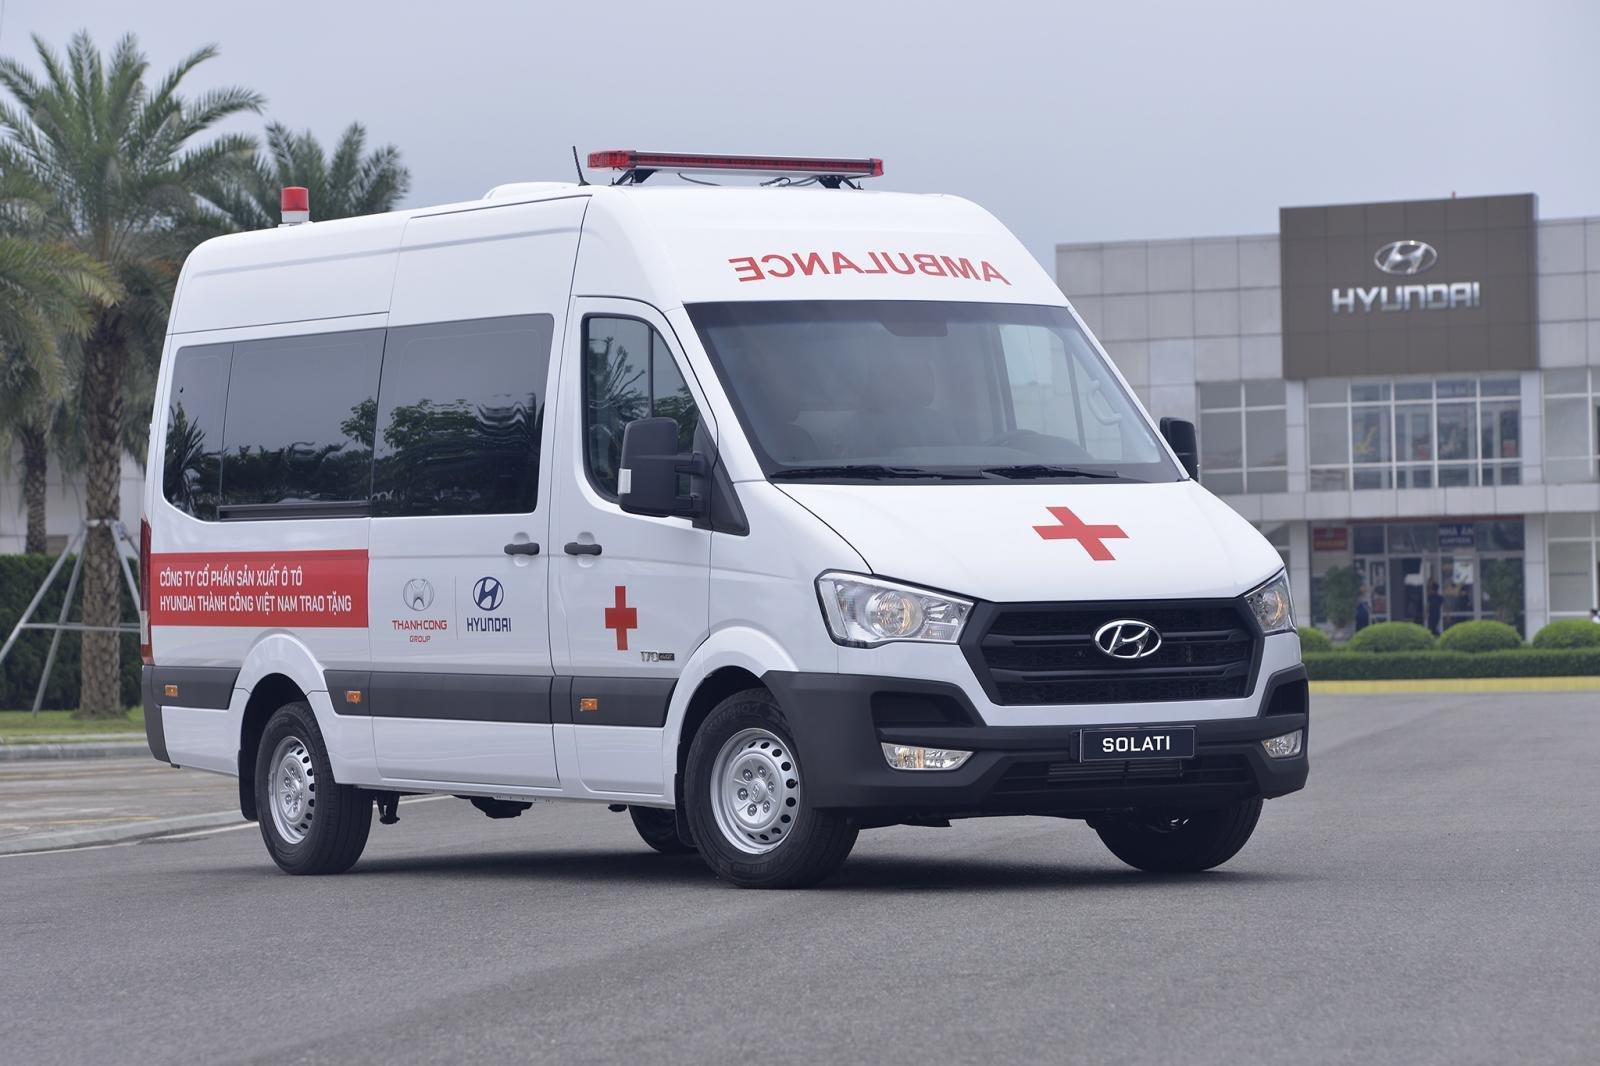 Hyundai tặng 10 xe Solati cho cơ sở y tế tuyến đầu chống dịch Covid-19 a3